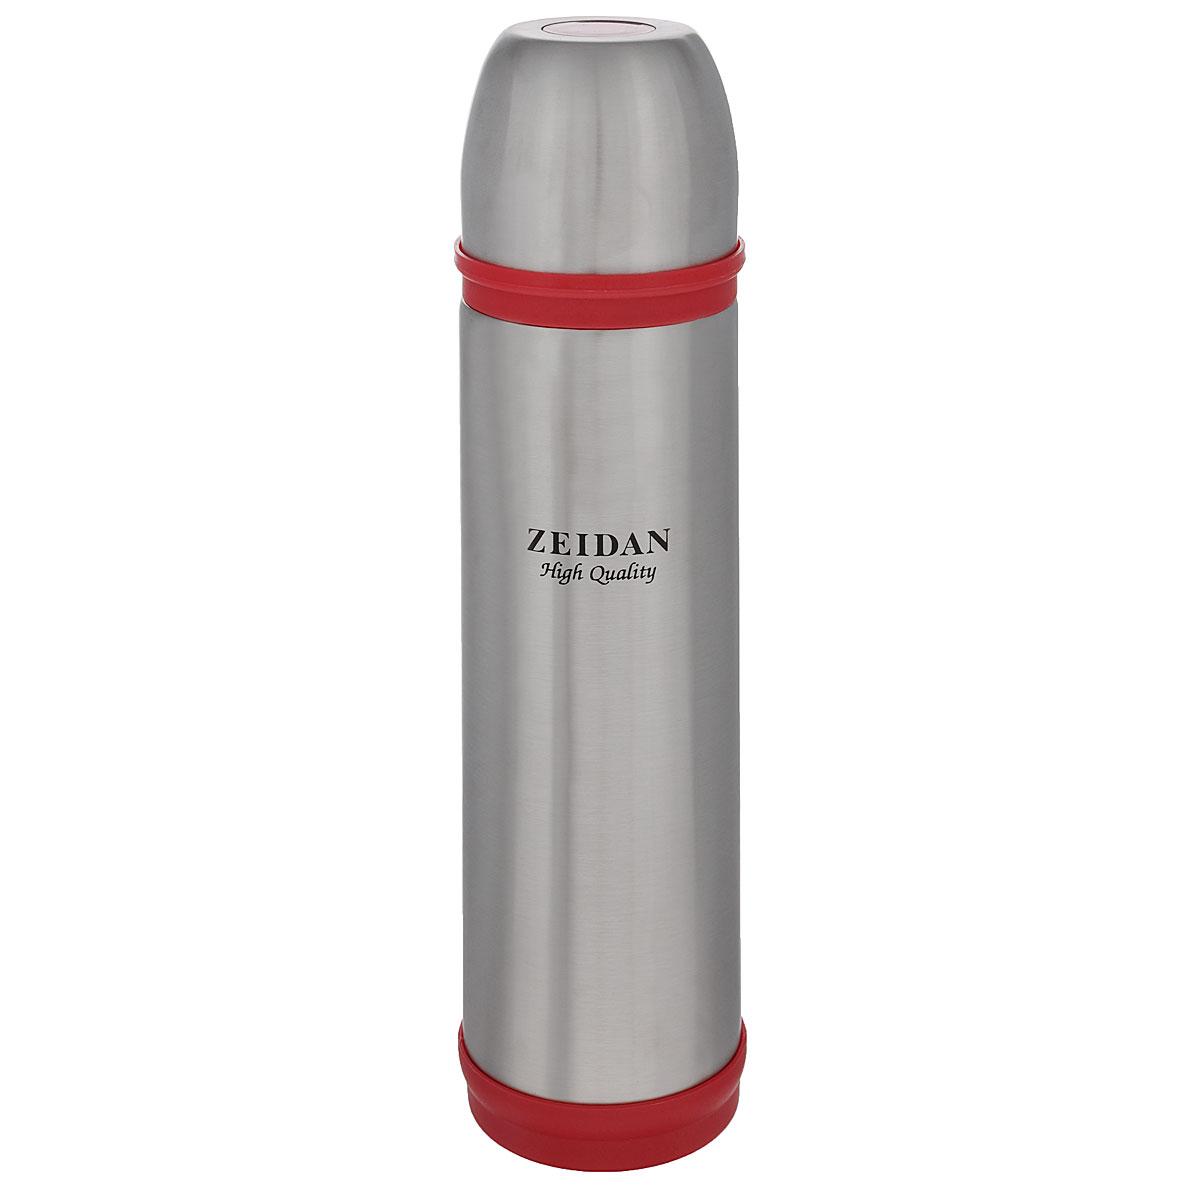 Термос Zeidan, цвет: красный, серебристый, 750 млZ-9037 КрасныйТермос с узким горлом Zeidan, изготовленный из высококачественной нержавеющей стали, является простым в использовании, экономичным и многофункциональным. Термос с двухстеночной вакуумной изоляцией предназначен для хранения горячих и холодных напитков (чая, кофе). Изделие укомплектовано пробкой с кнопкой. Такая пробка удобна в использовании и позволяет, не отвинчивая ее, наливать напитки после простого нажатия. Изделие также оснащено крышкой-чашкой. Легкий и прочный термос Zeidan сохранит ваши напитки горячими или холодными надолго. Высота (с учетом крышки): 30 см. Диаметр горлышка: 4,5 см.